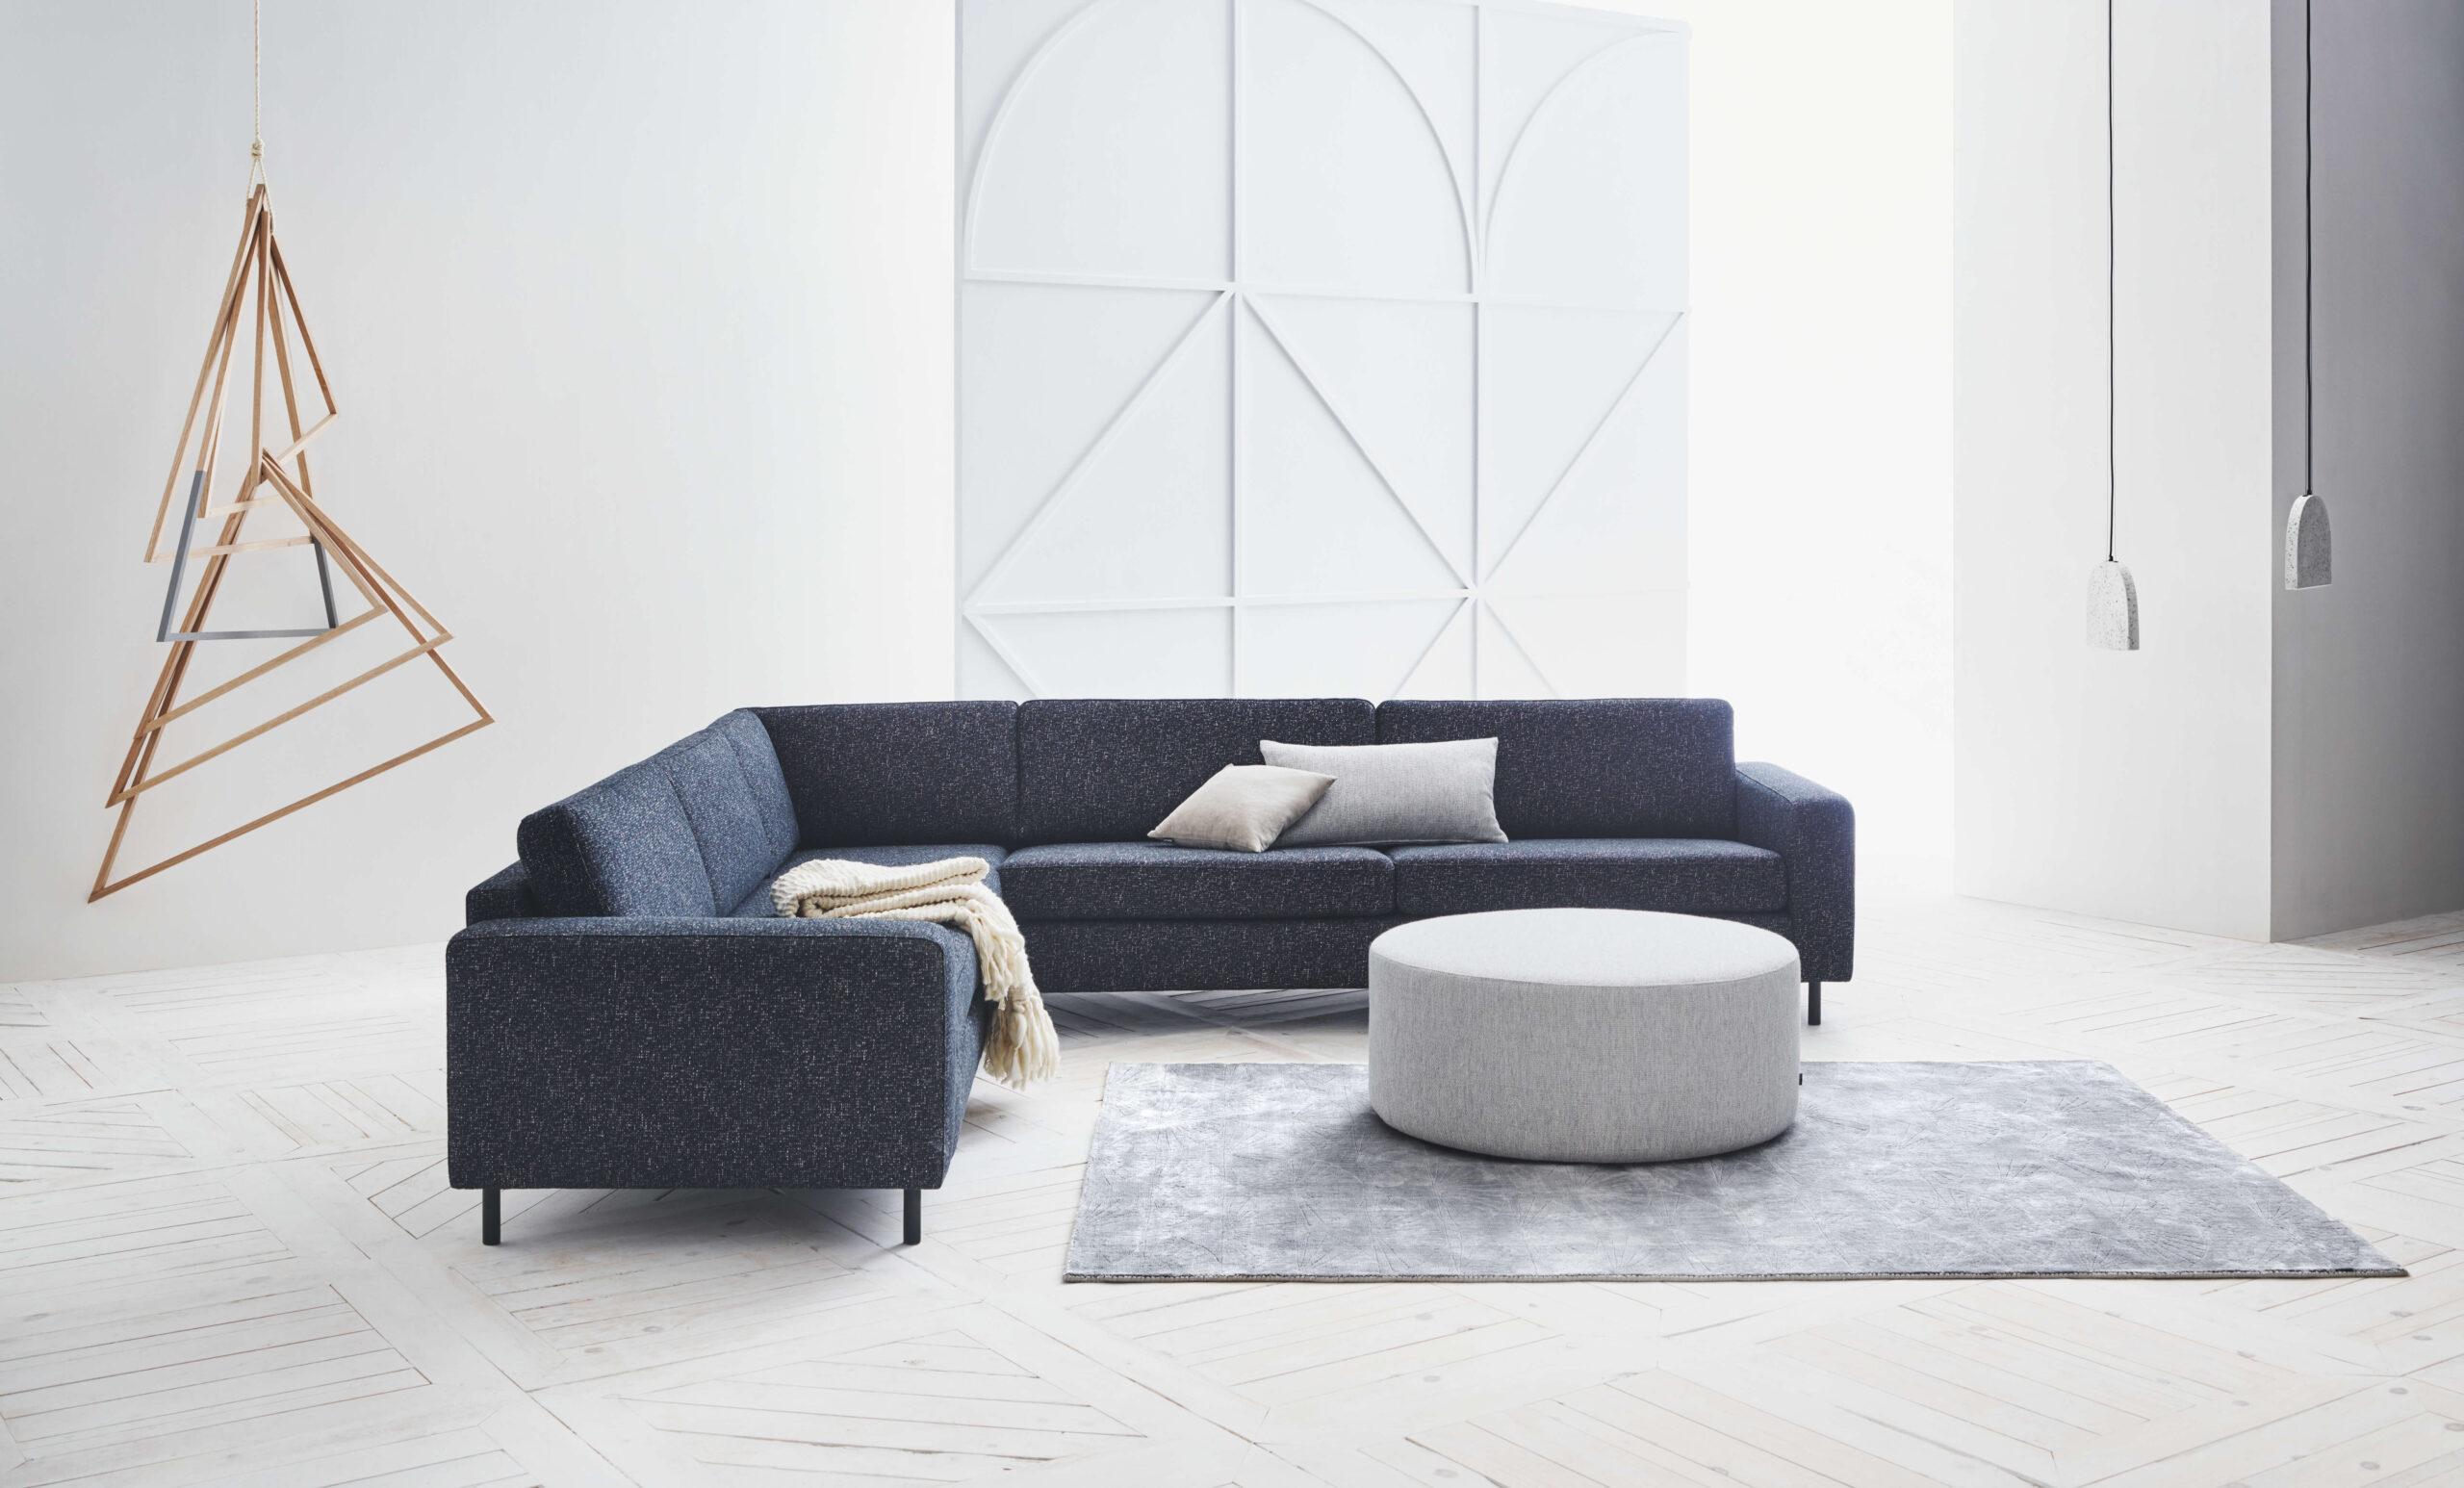 Full Size of Ecksofa Garten Sofa Bezug Mit Ottomane Großes Bild Wohnzimmer Bett Regal Wohnzimmer Großes Ecksofa